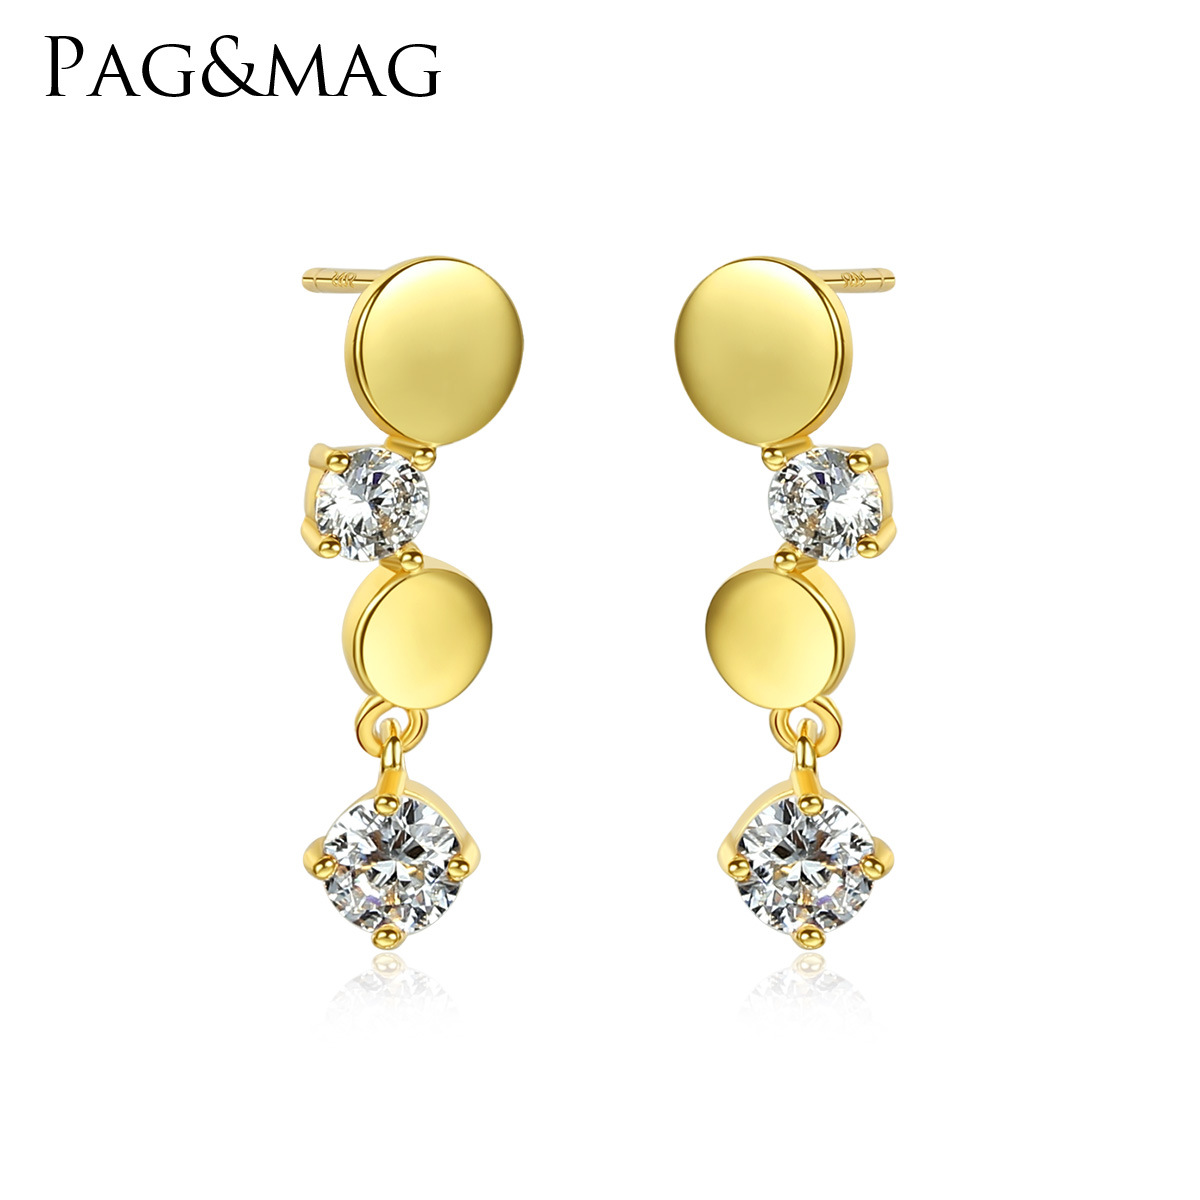 PAG & MAG S925 placage d'argent 18K simple belle argent incrusté de zirconium bijoux Mini boucles d'oreilles japonaises et coréennes